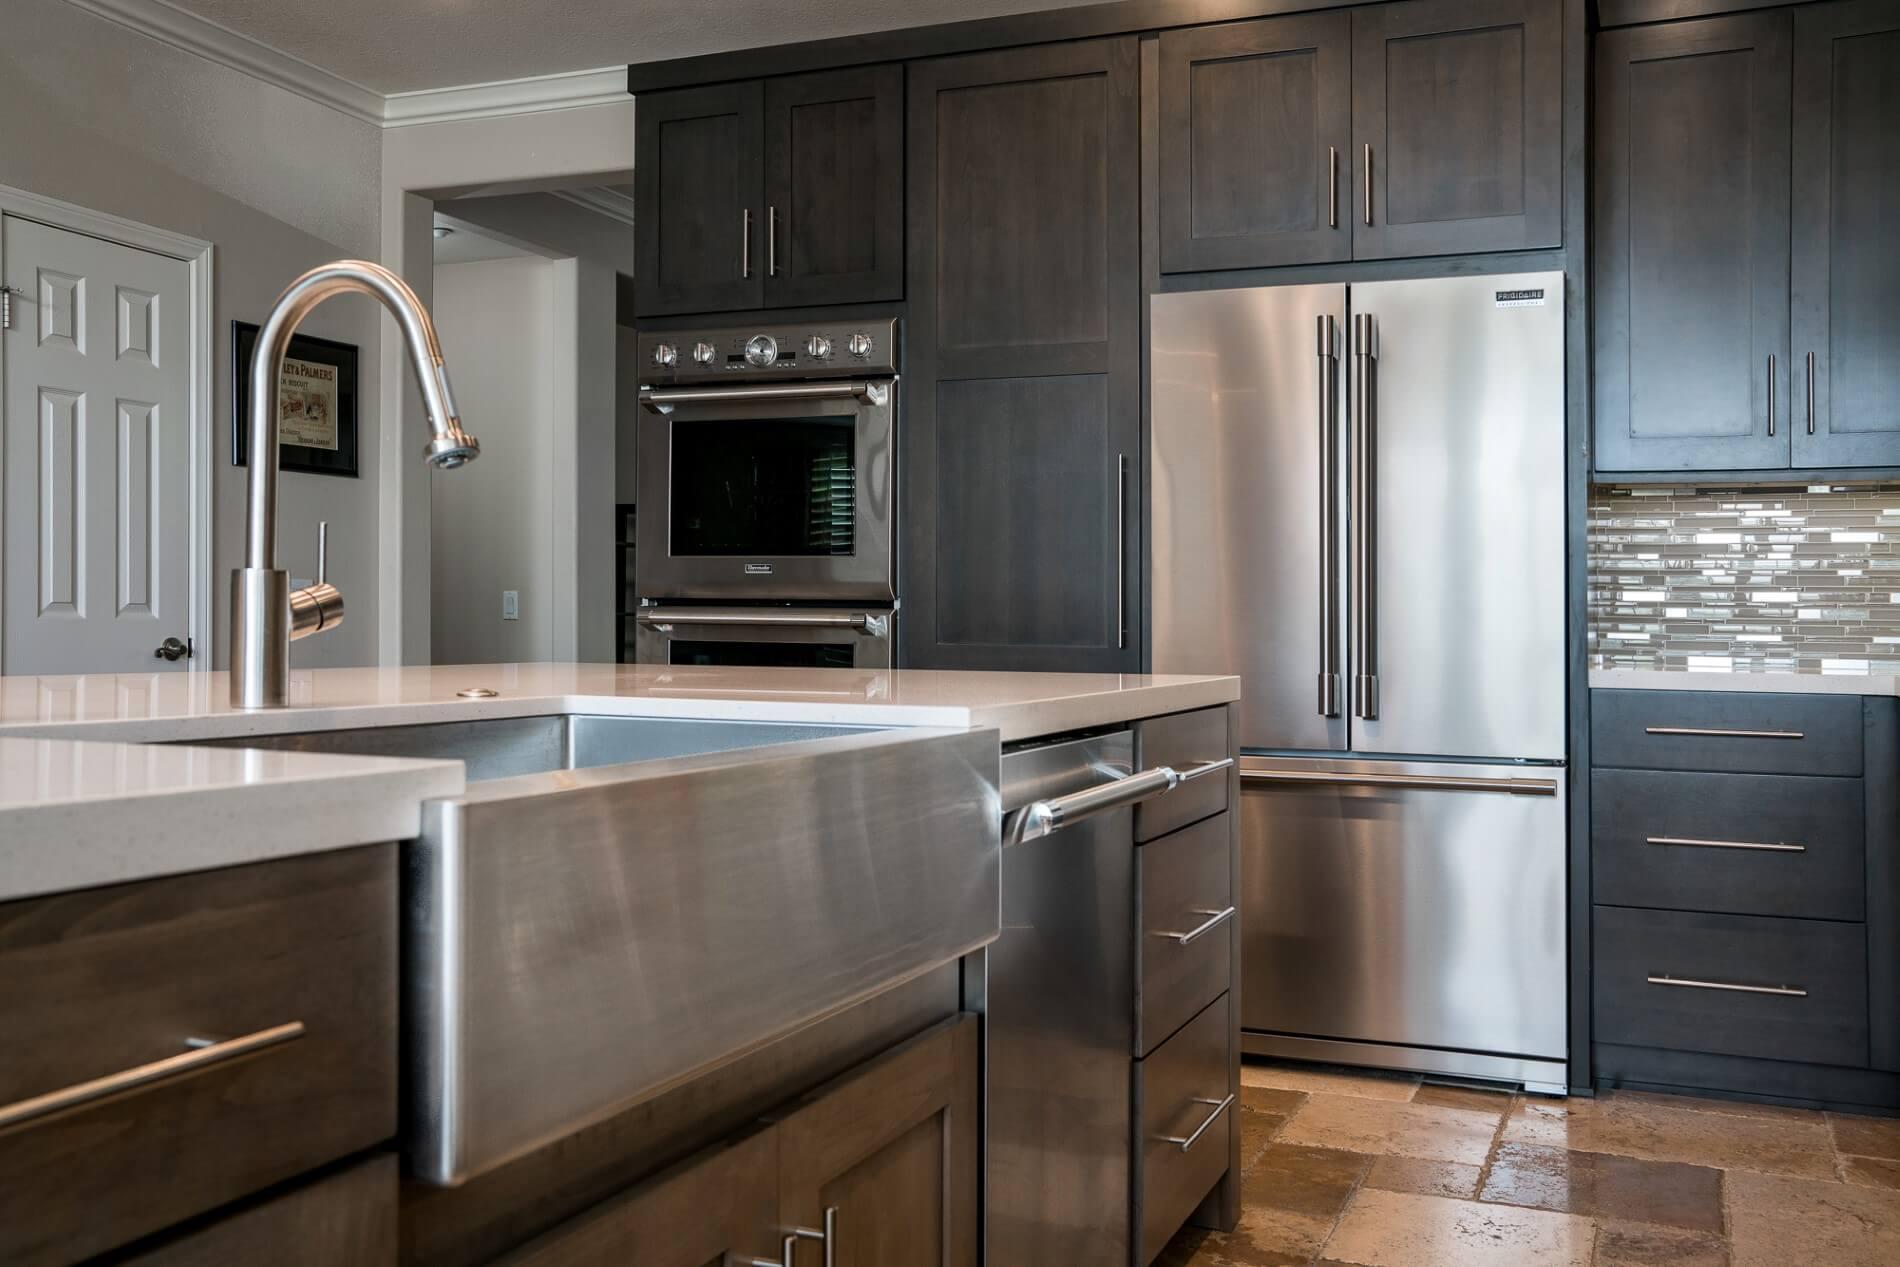 Stainless Steel Kitchen Sink, Modern Kitchen Design, Orange County Luxury Kitchen Builders